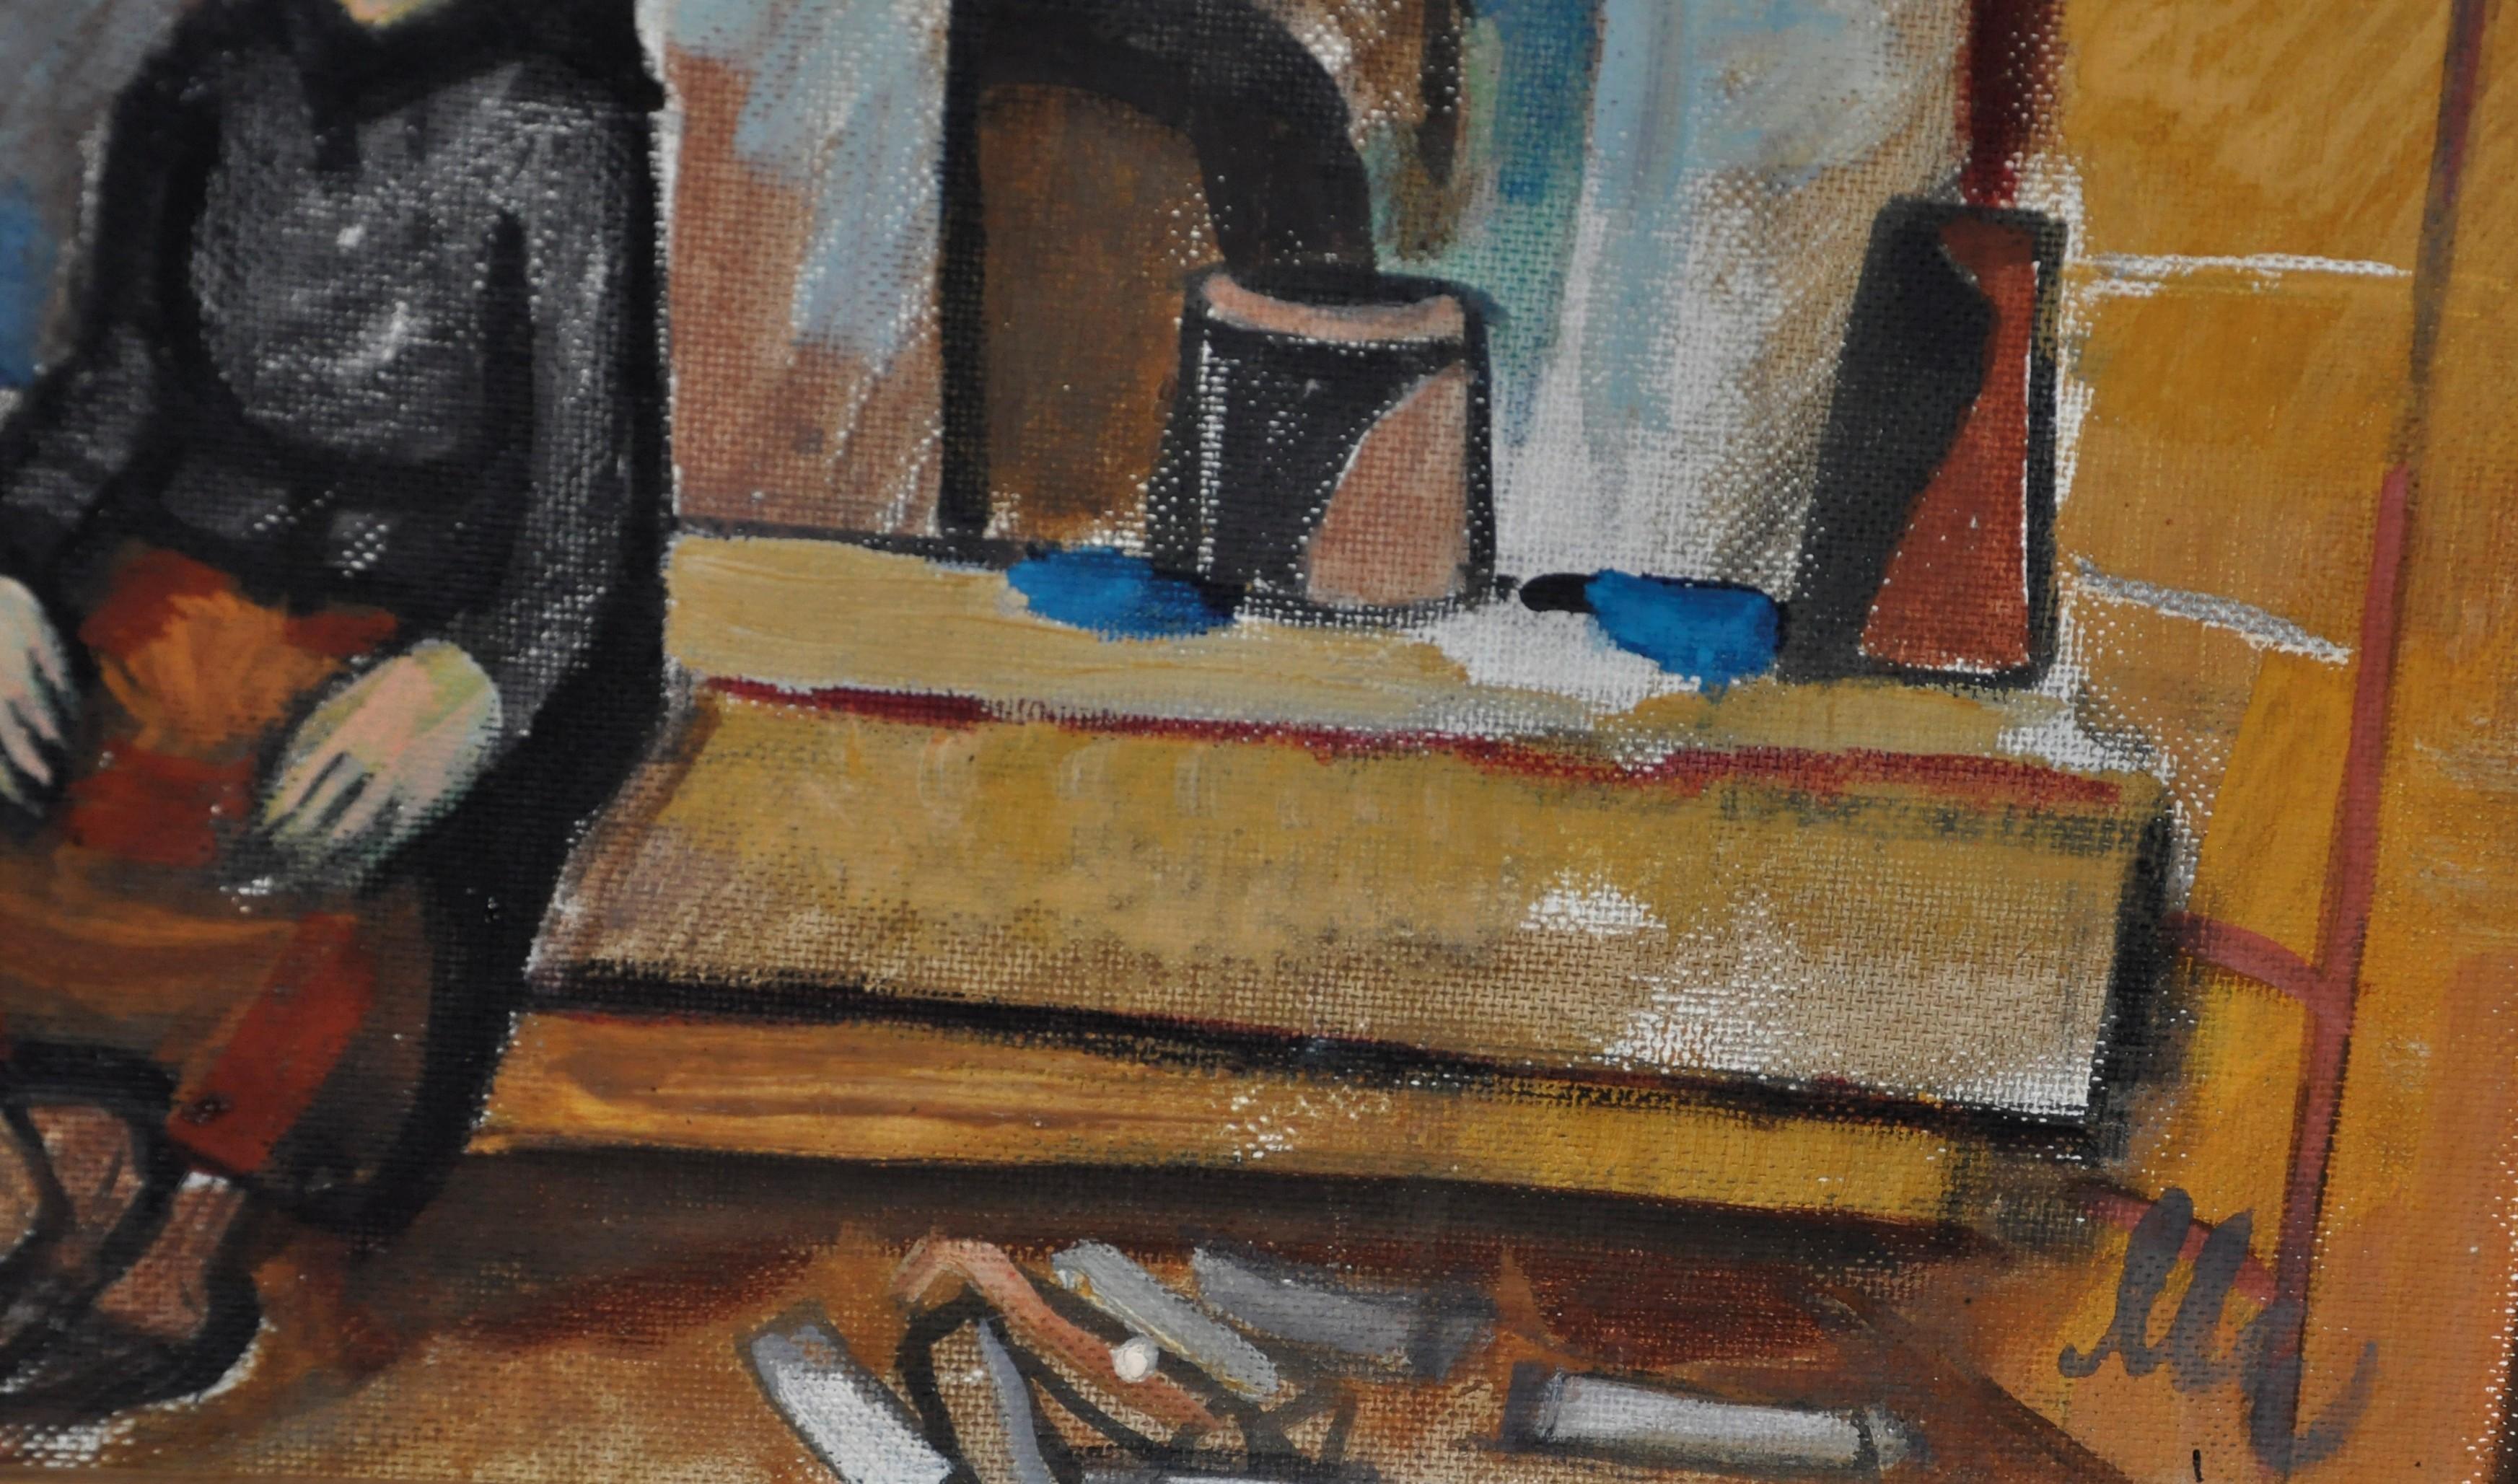 Картина - Інтерєр сільської хати 49-60 см. 1979  - 1